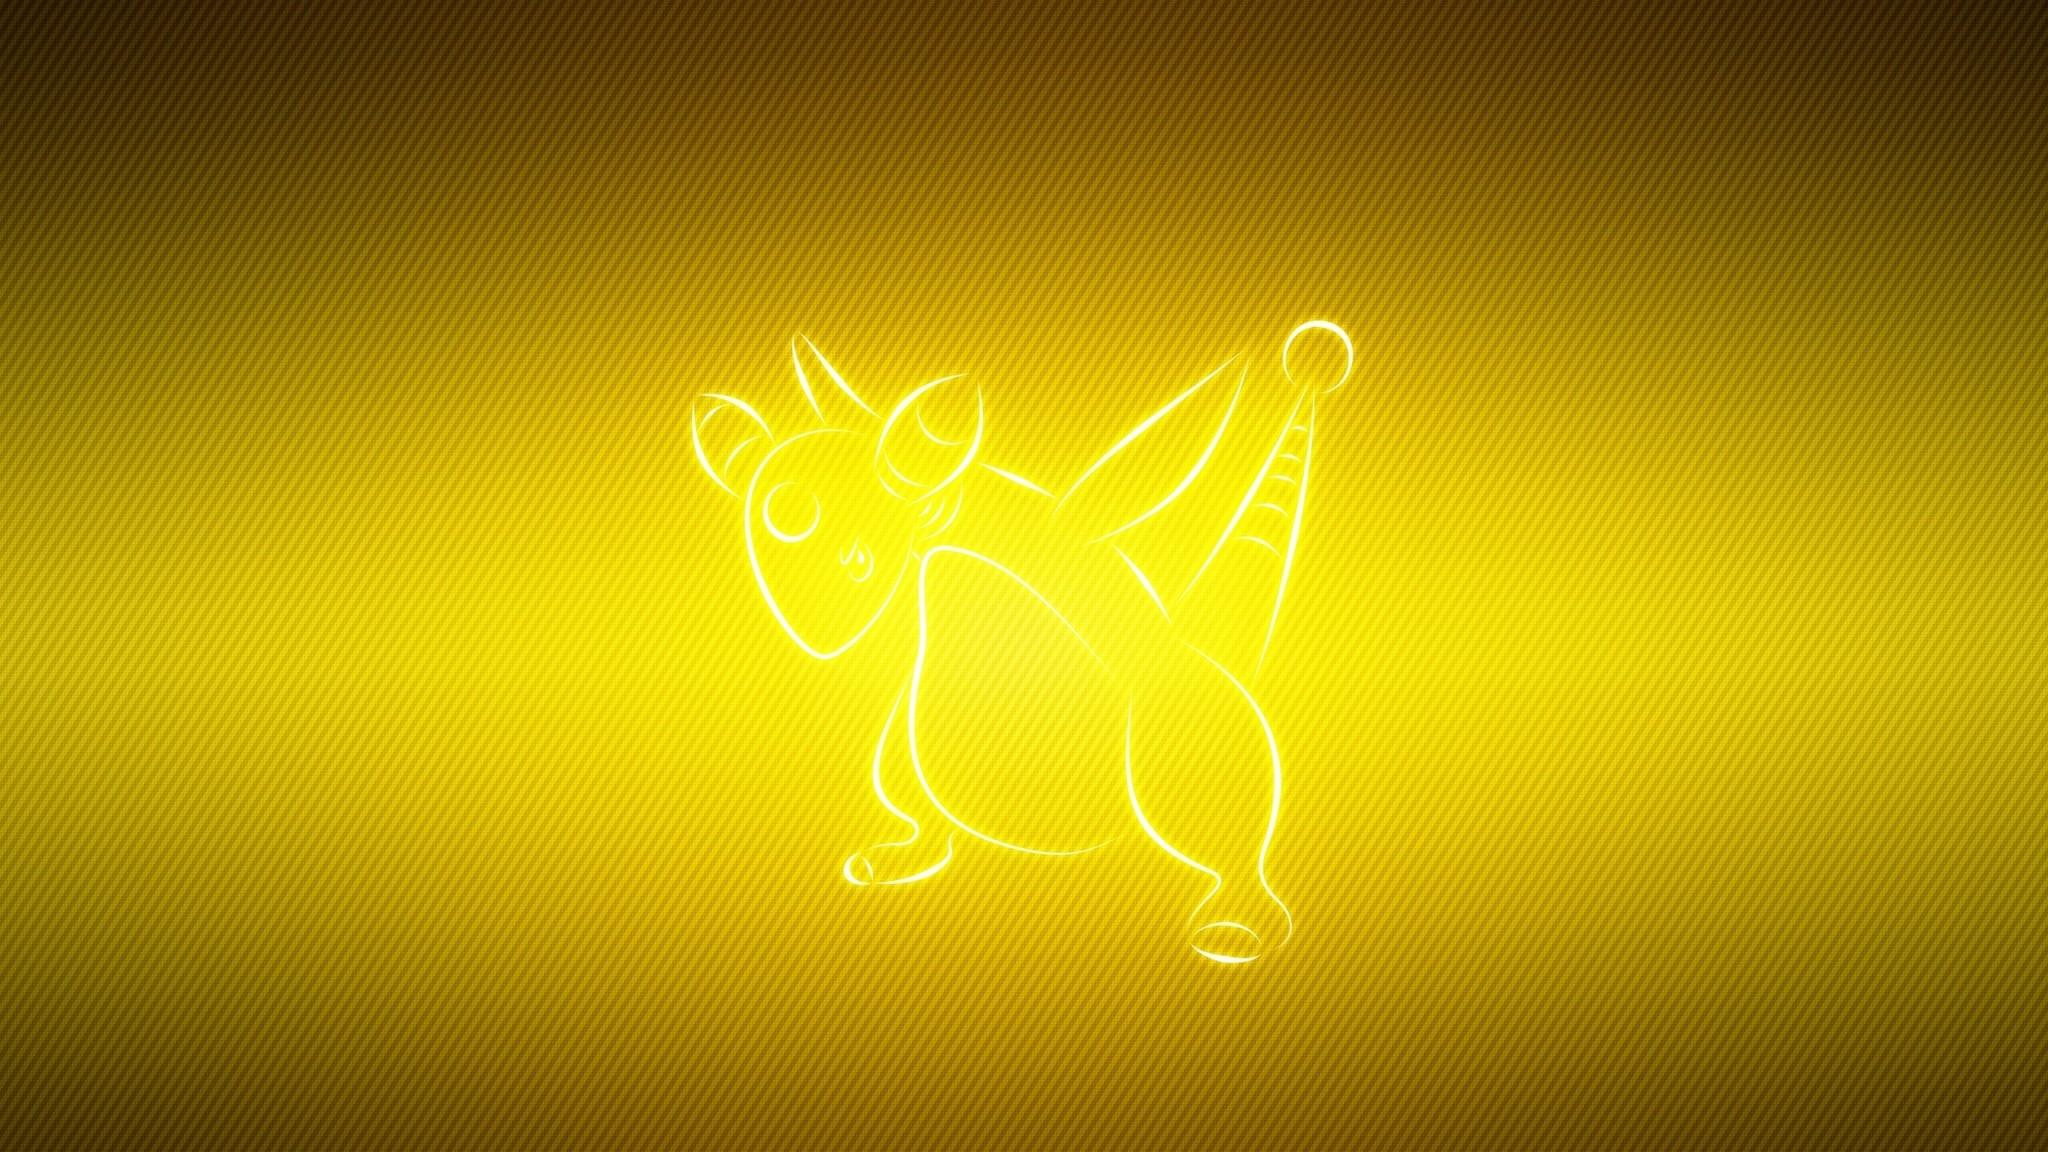 Wallpaper ampharos, pokemon, animal, yellow